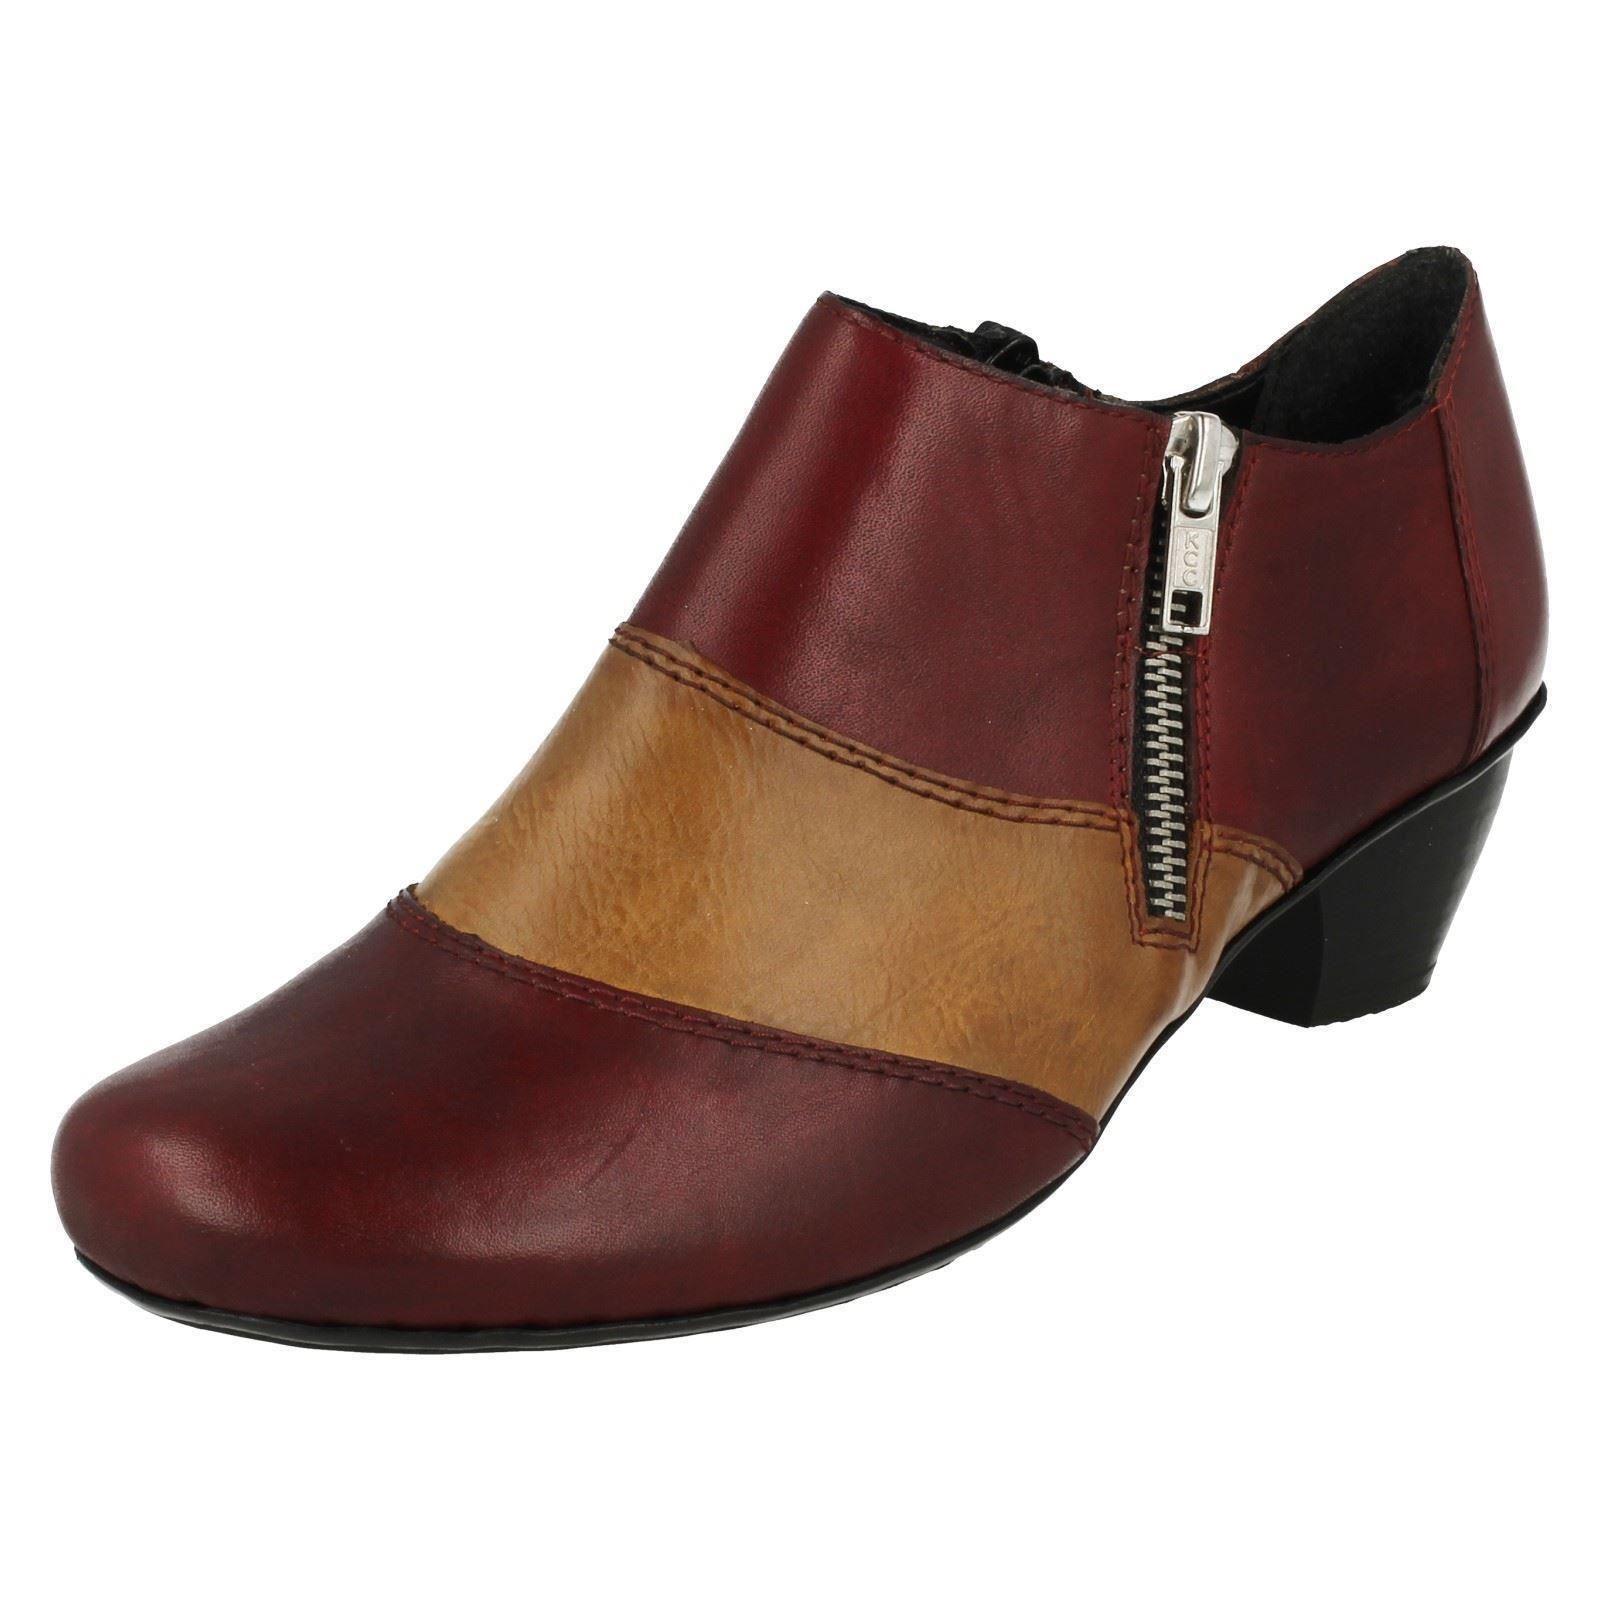 Damen Rieker 47674 rot Kombination Leder Smart Hose Schuhe